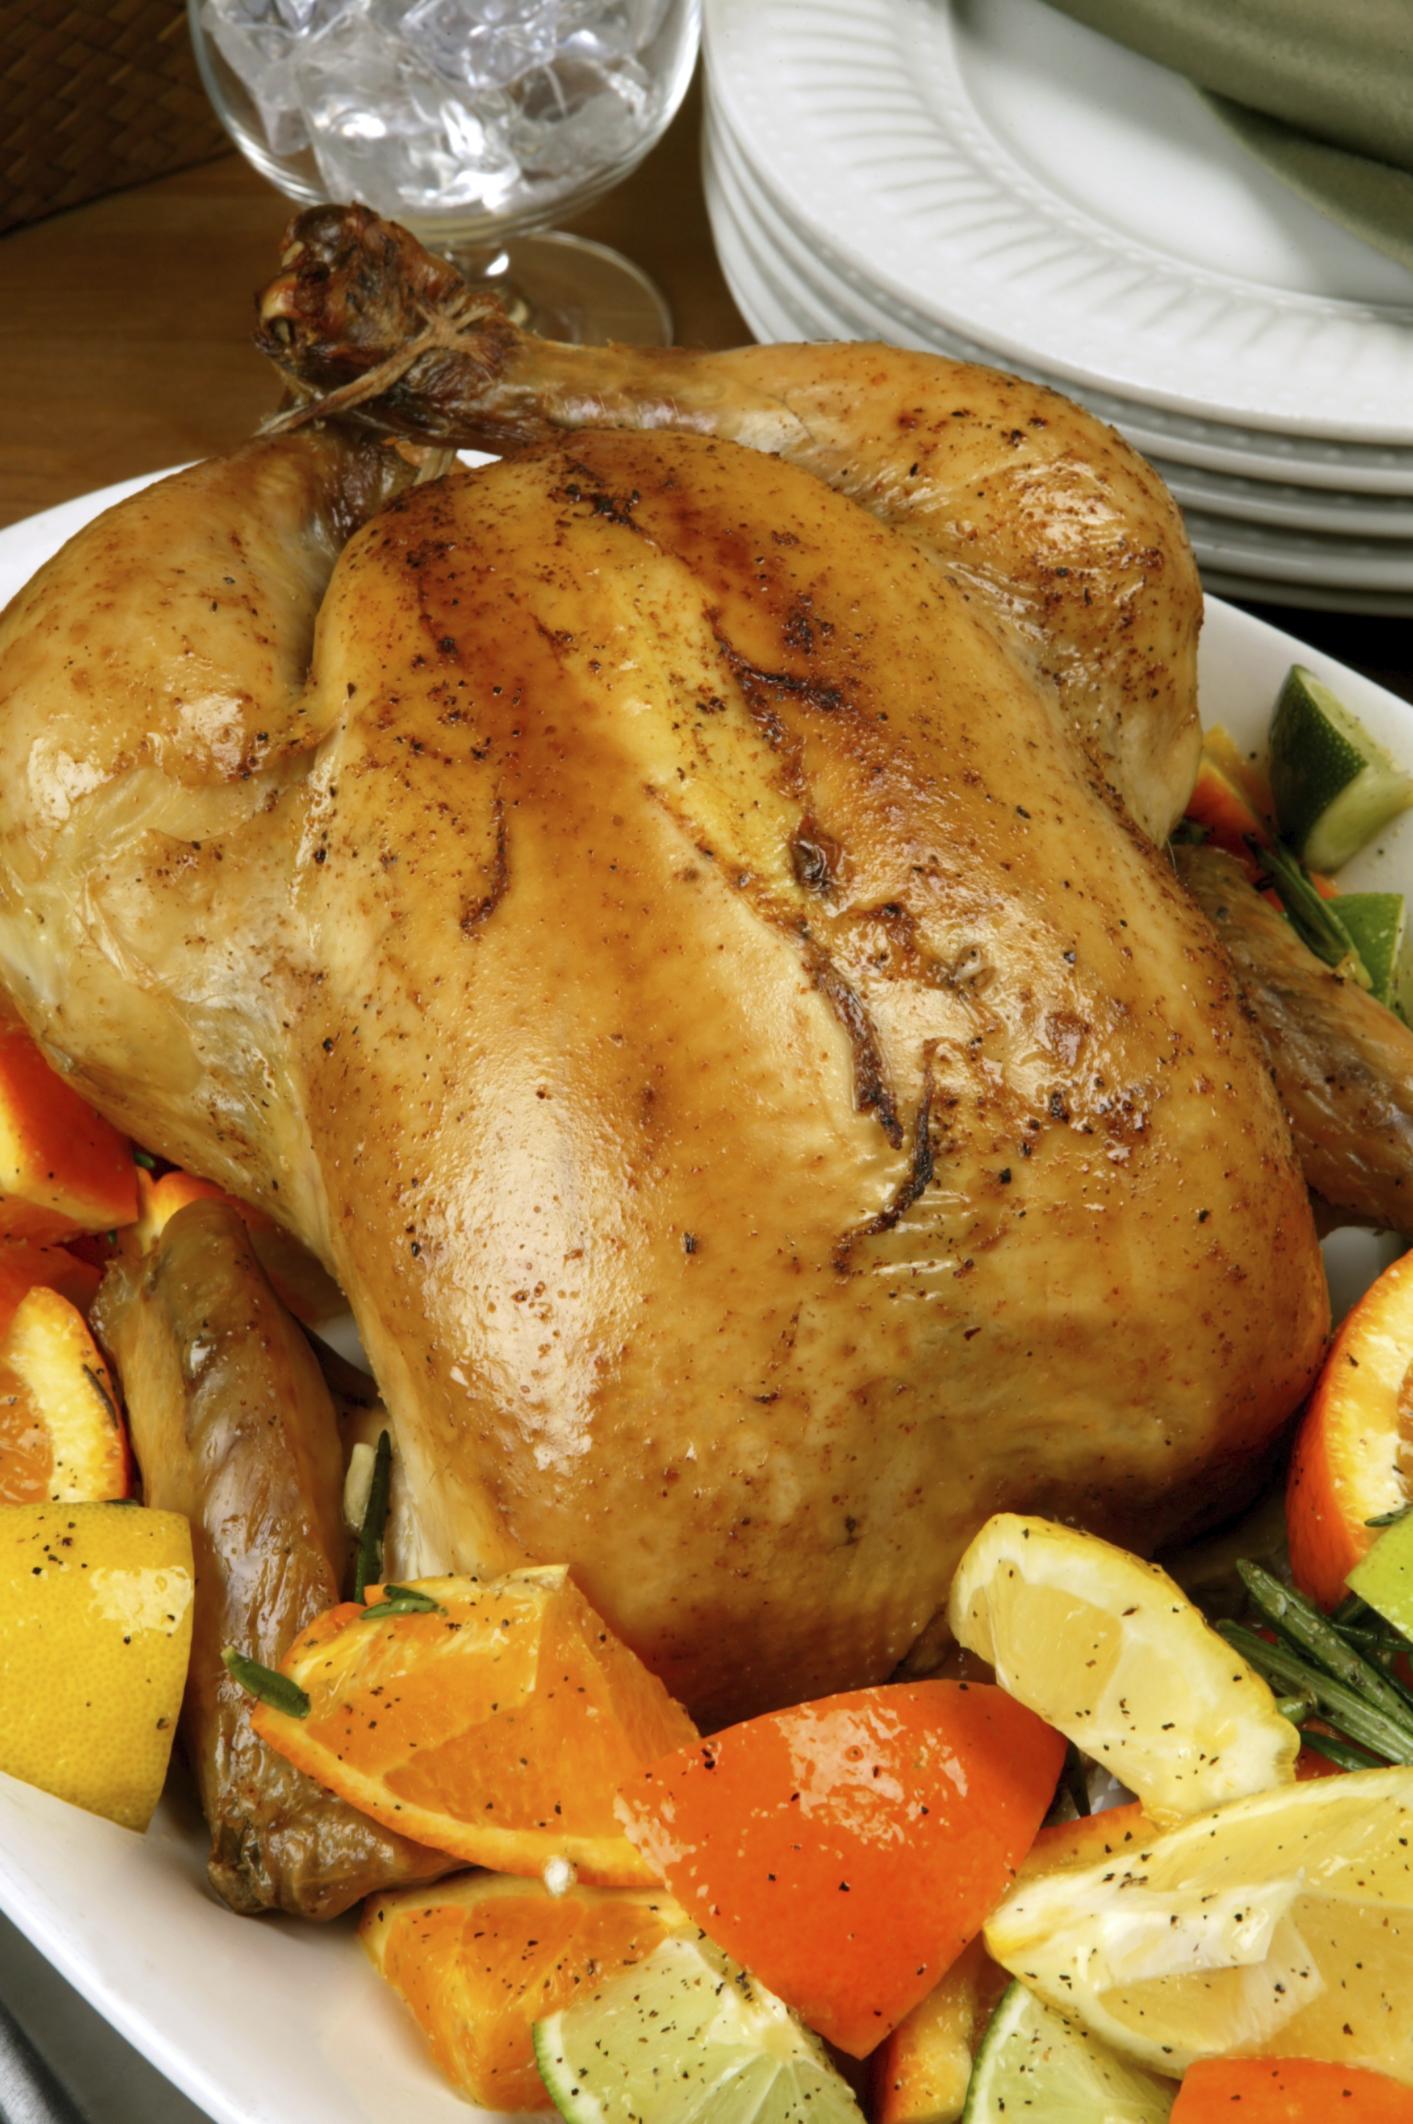 Pollo hornado con ajo y naranja